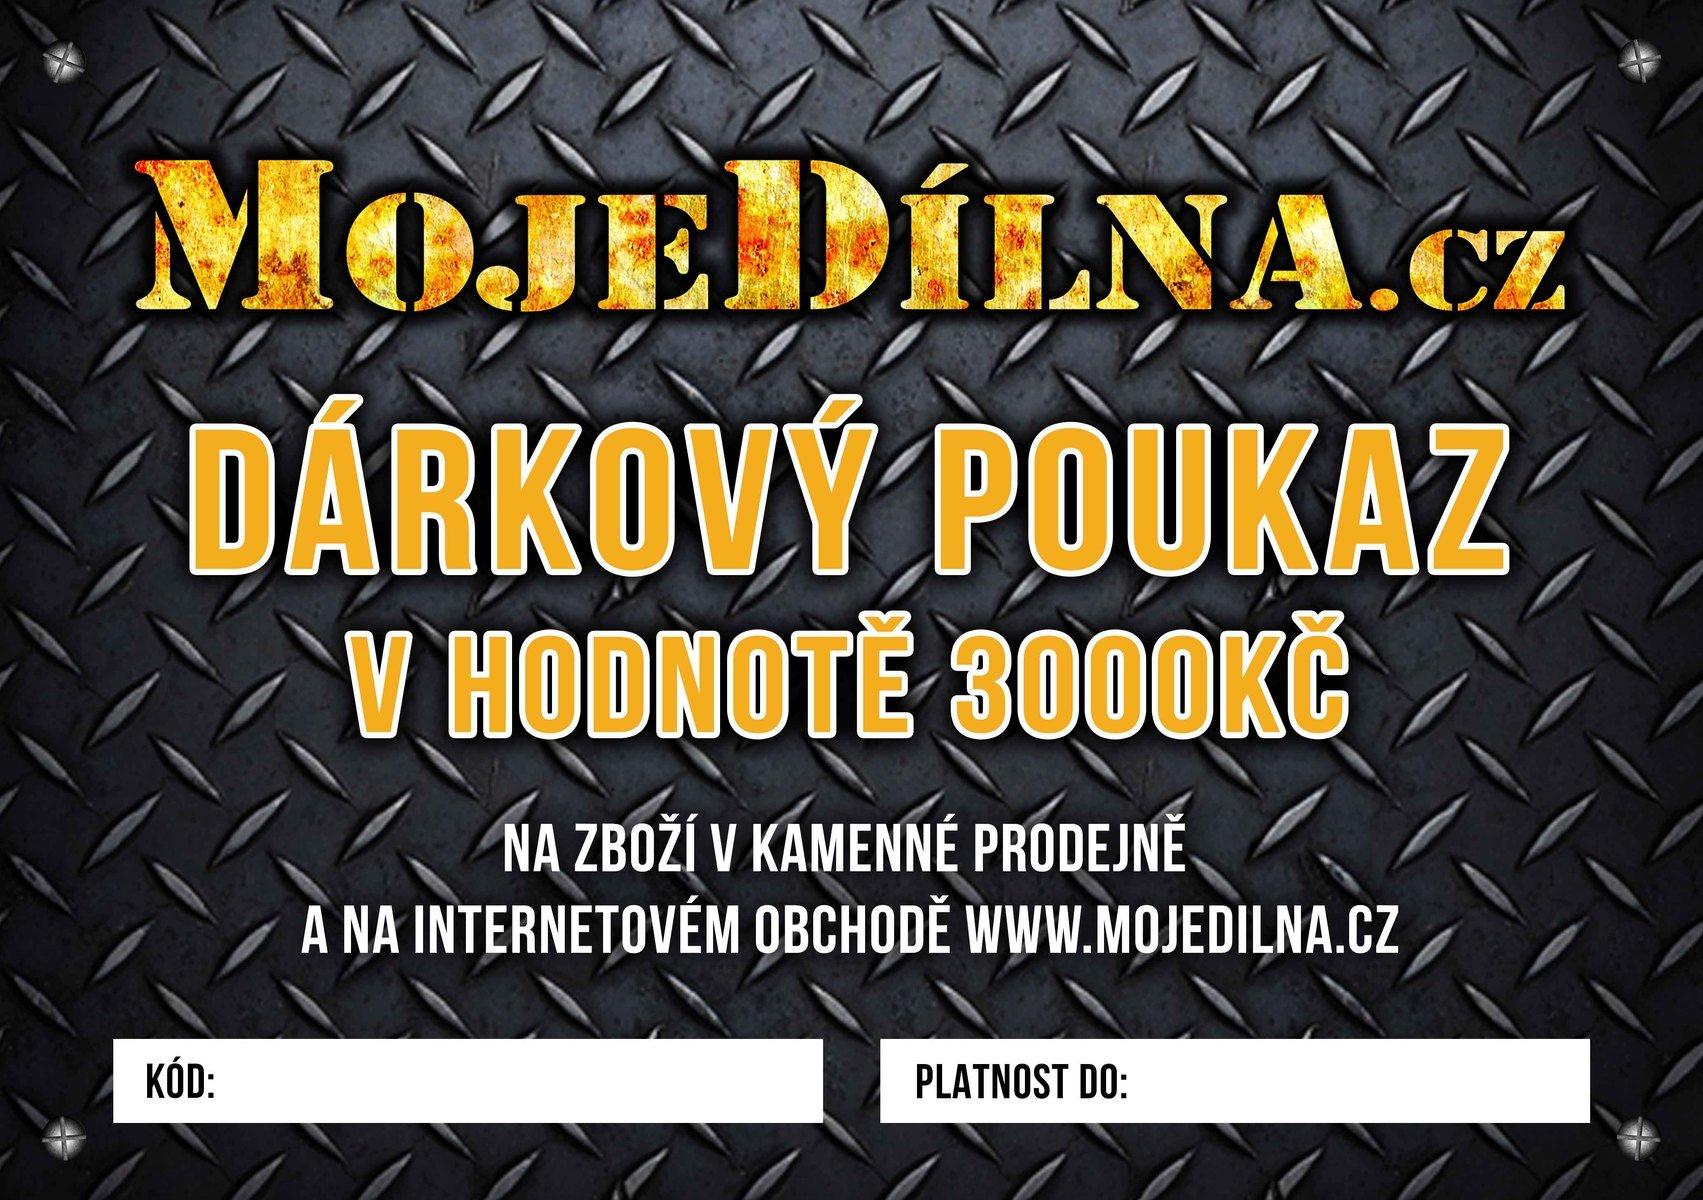 Dárkový poukaz MojeDílna.cz v hodnotě 3000 Kč - online, platba předem